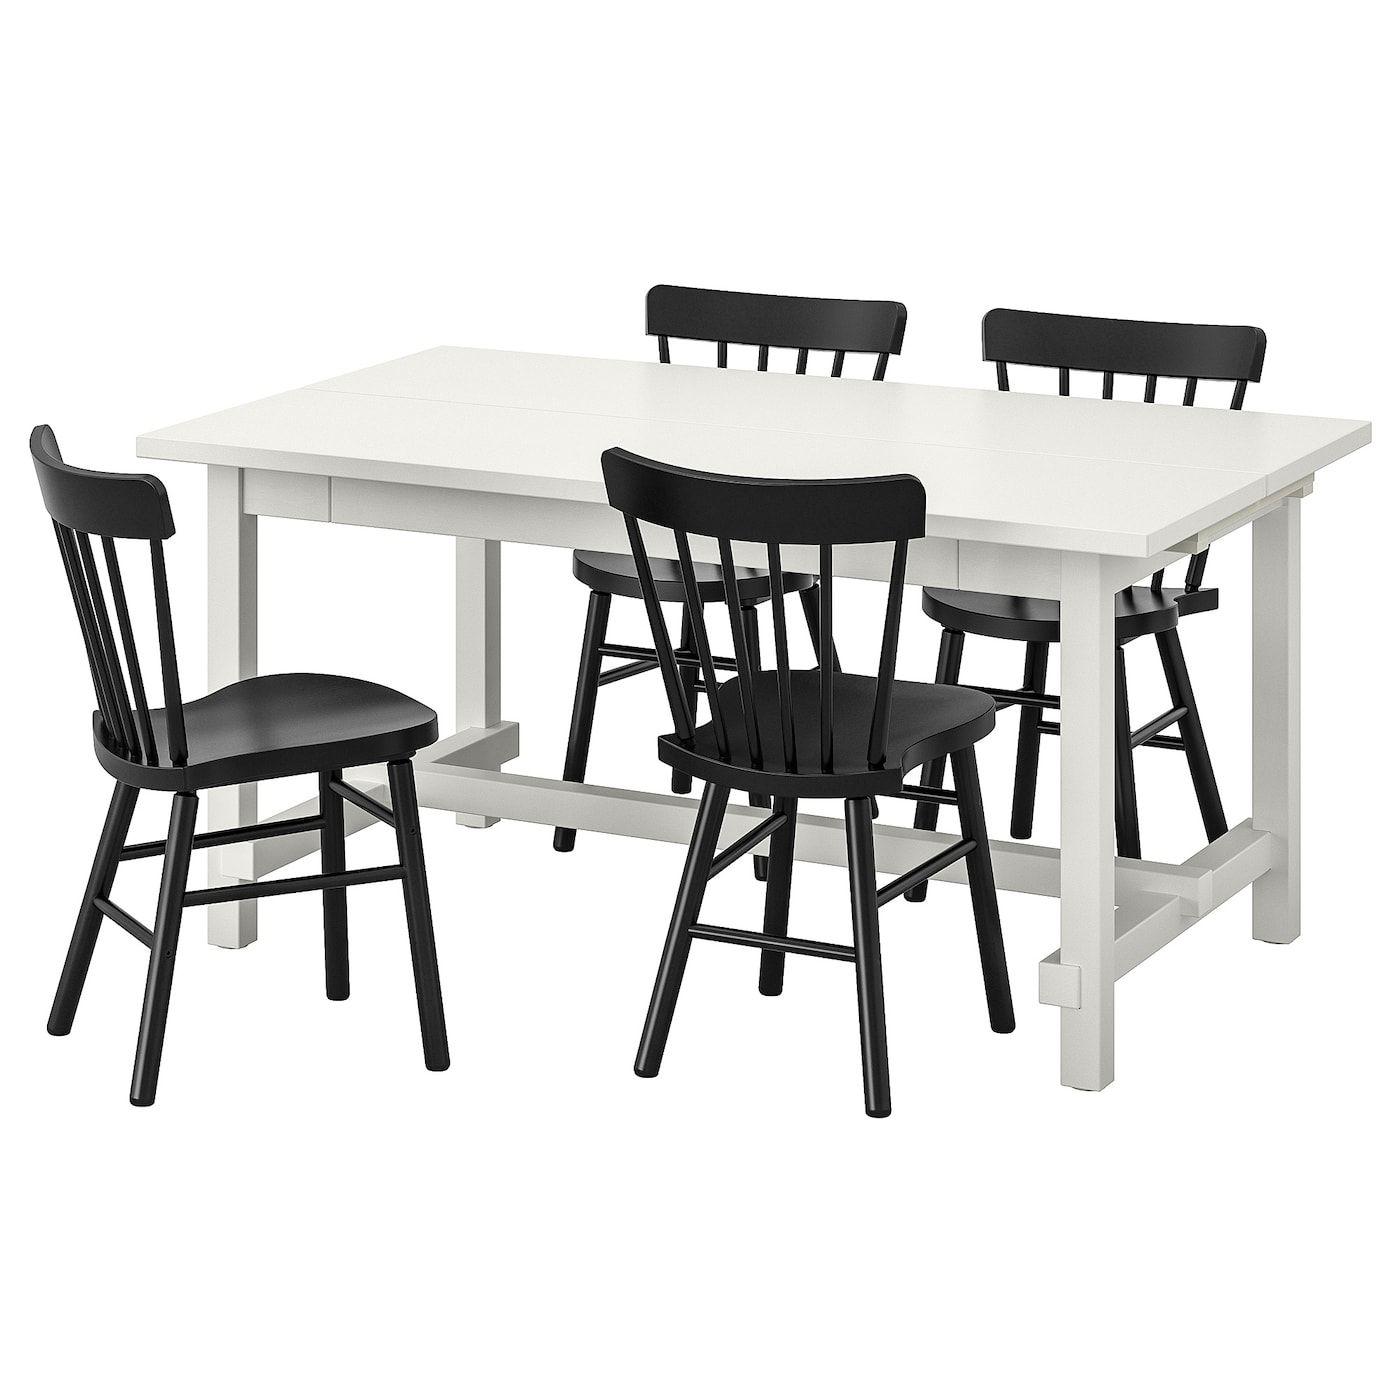 Nordviken Norraryd Tisch Und 4 Stuhle Weiss Schwarz Ikea